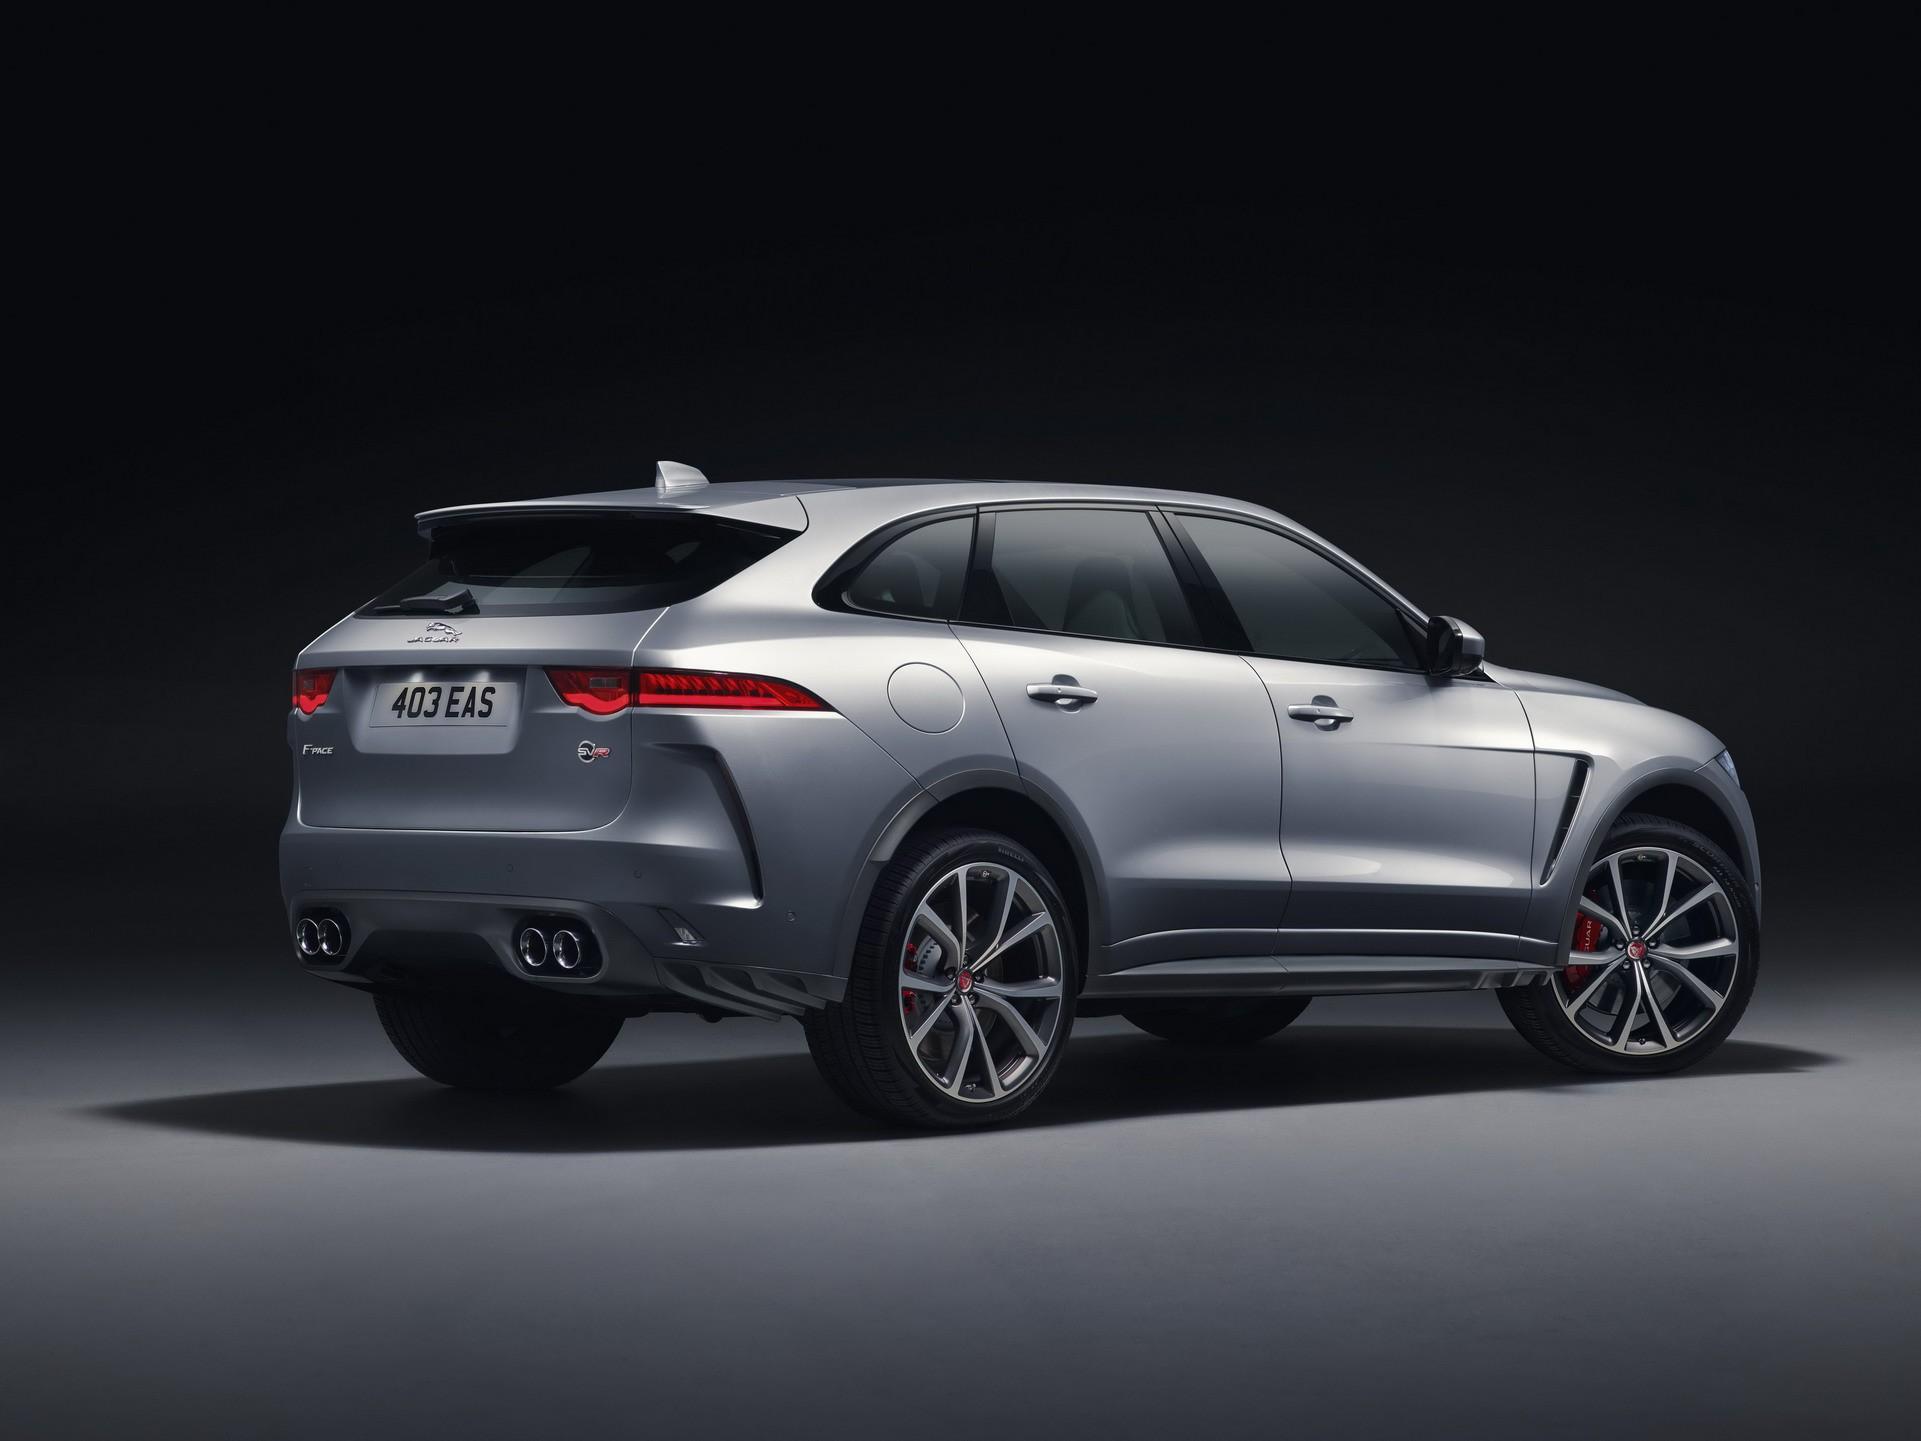 Large Jaguar SUV Considered, Electric Compact Hatchback ...